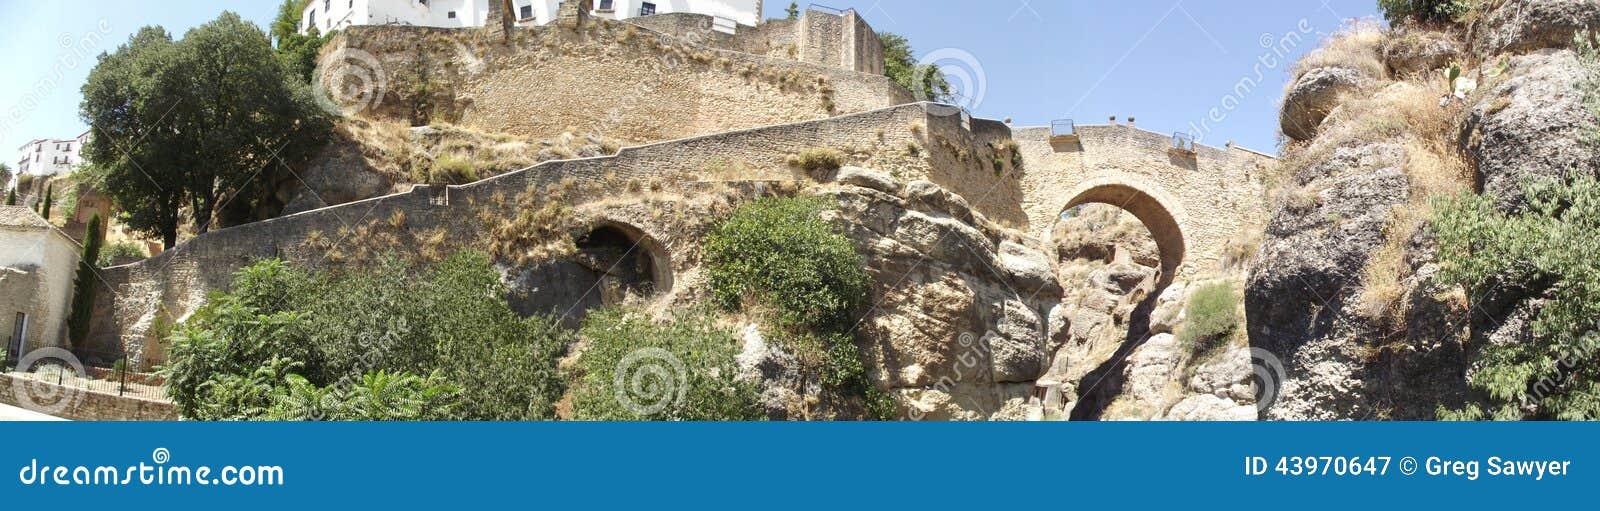 Πανοραμικός της αραβικής γέφυρας στη Ronda, Μάλαγα, Ανδαλουσία